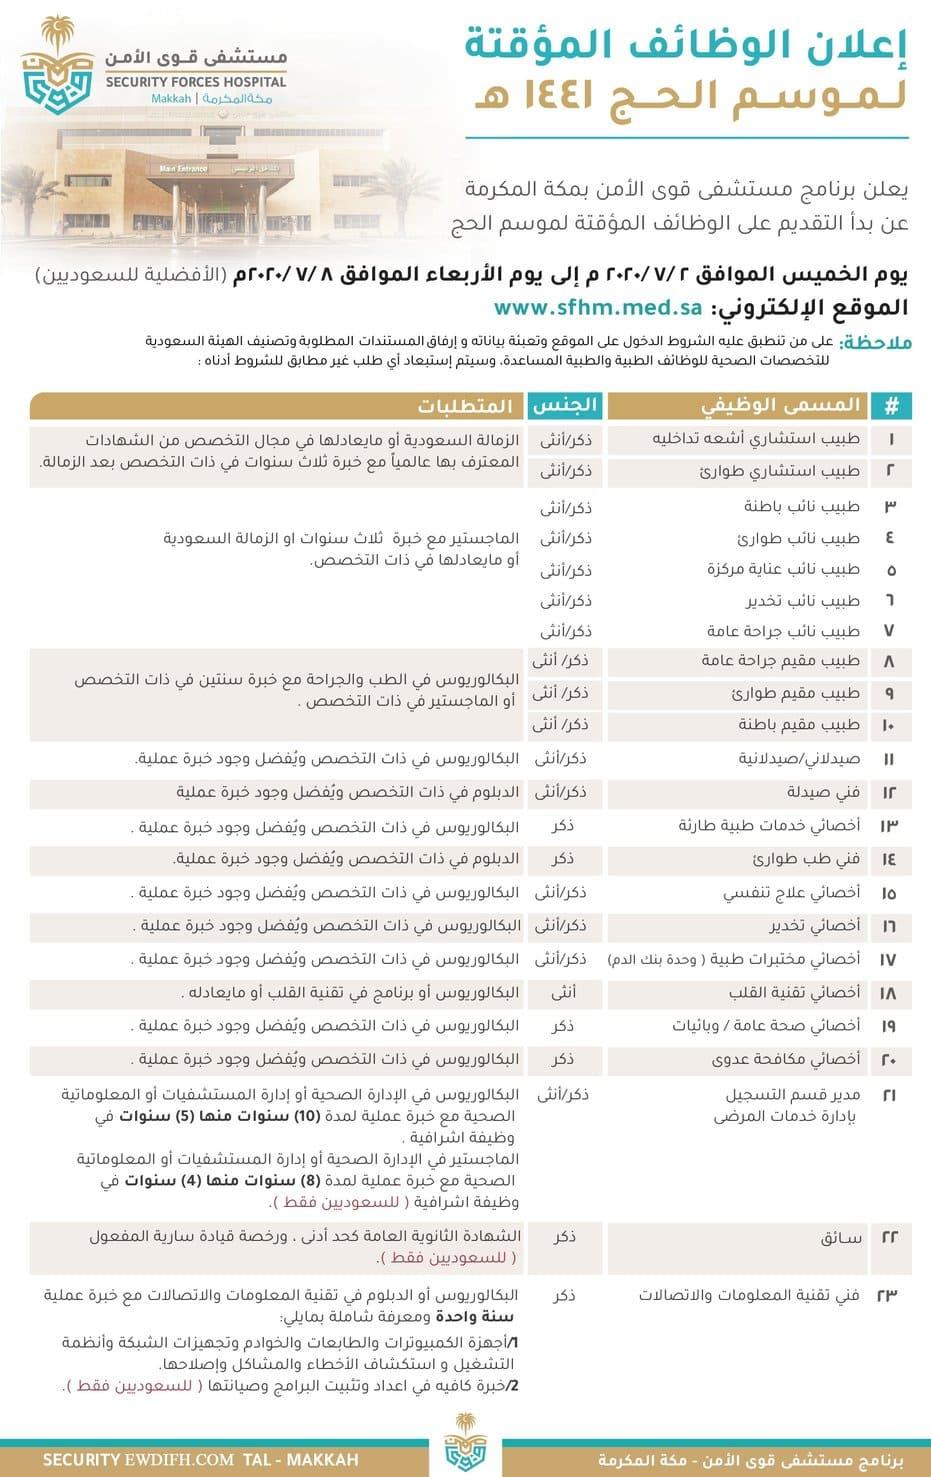 مستشفى قوى الأمن وظائف مؤقتة لموسم الحج 1441